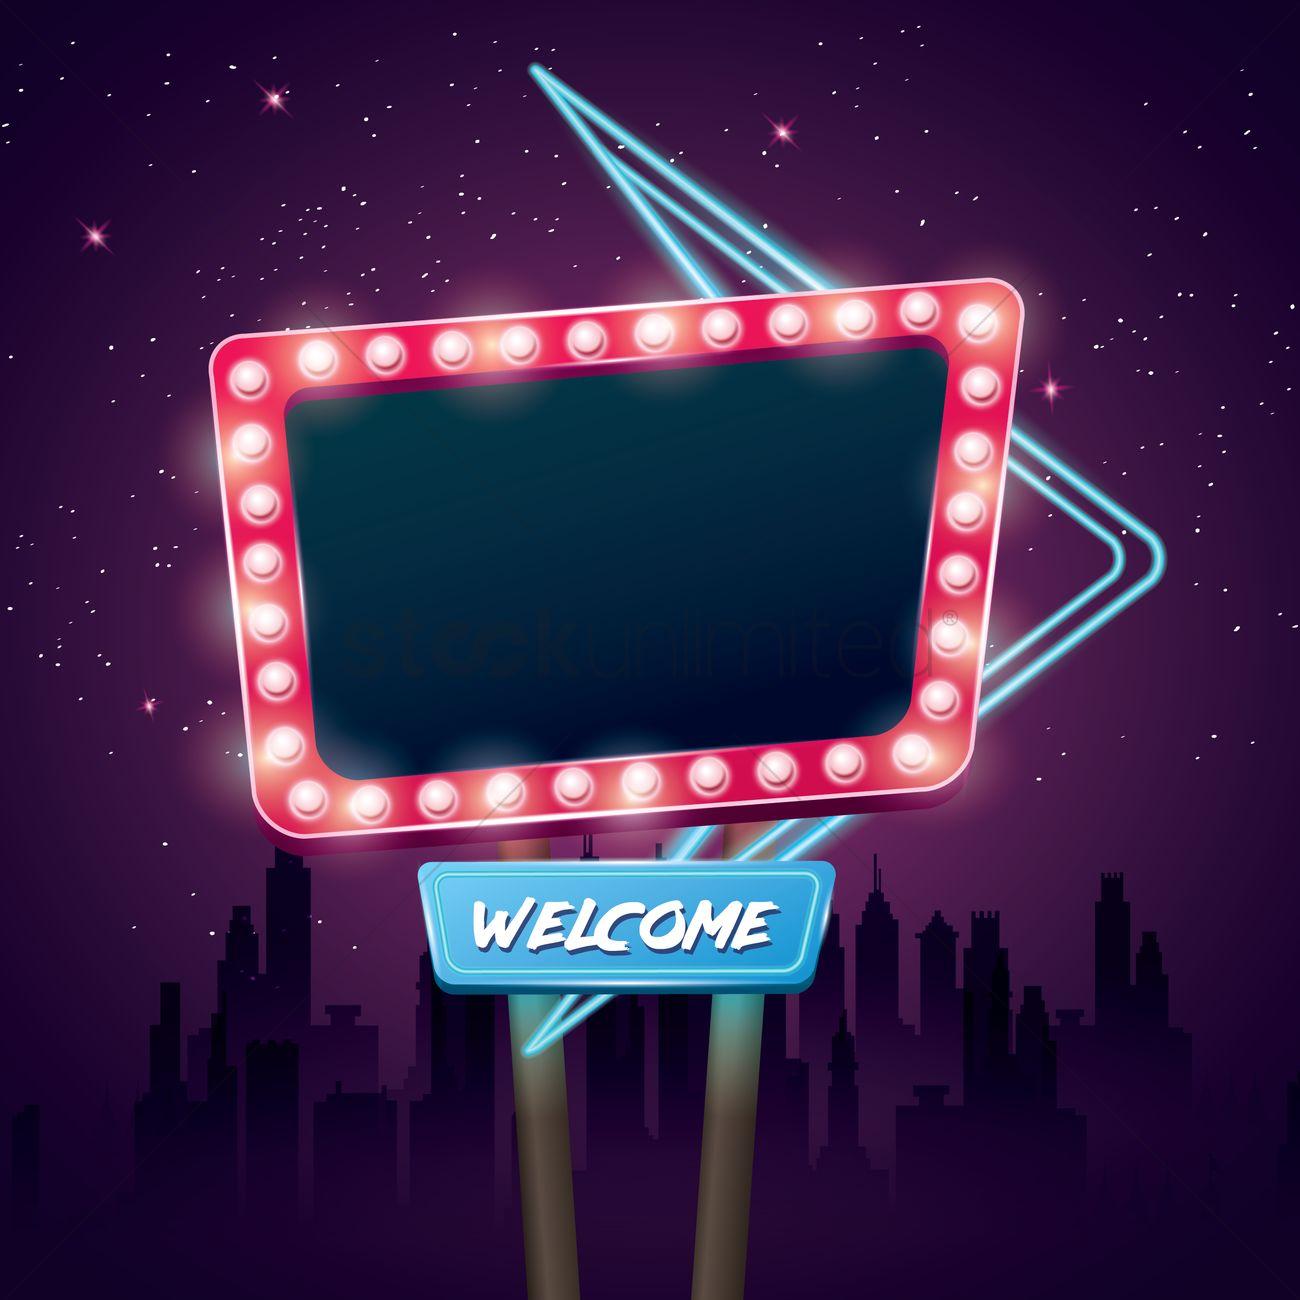 Blank retro neon signboard Vector Image - 1962682